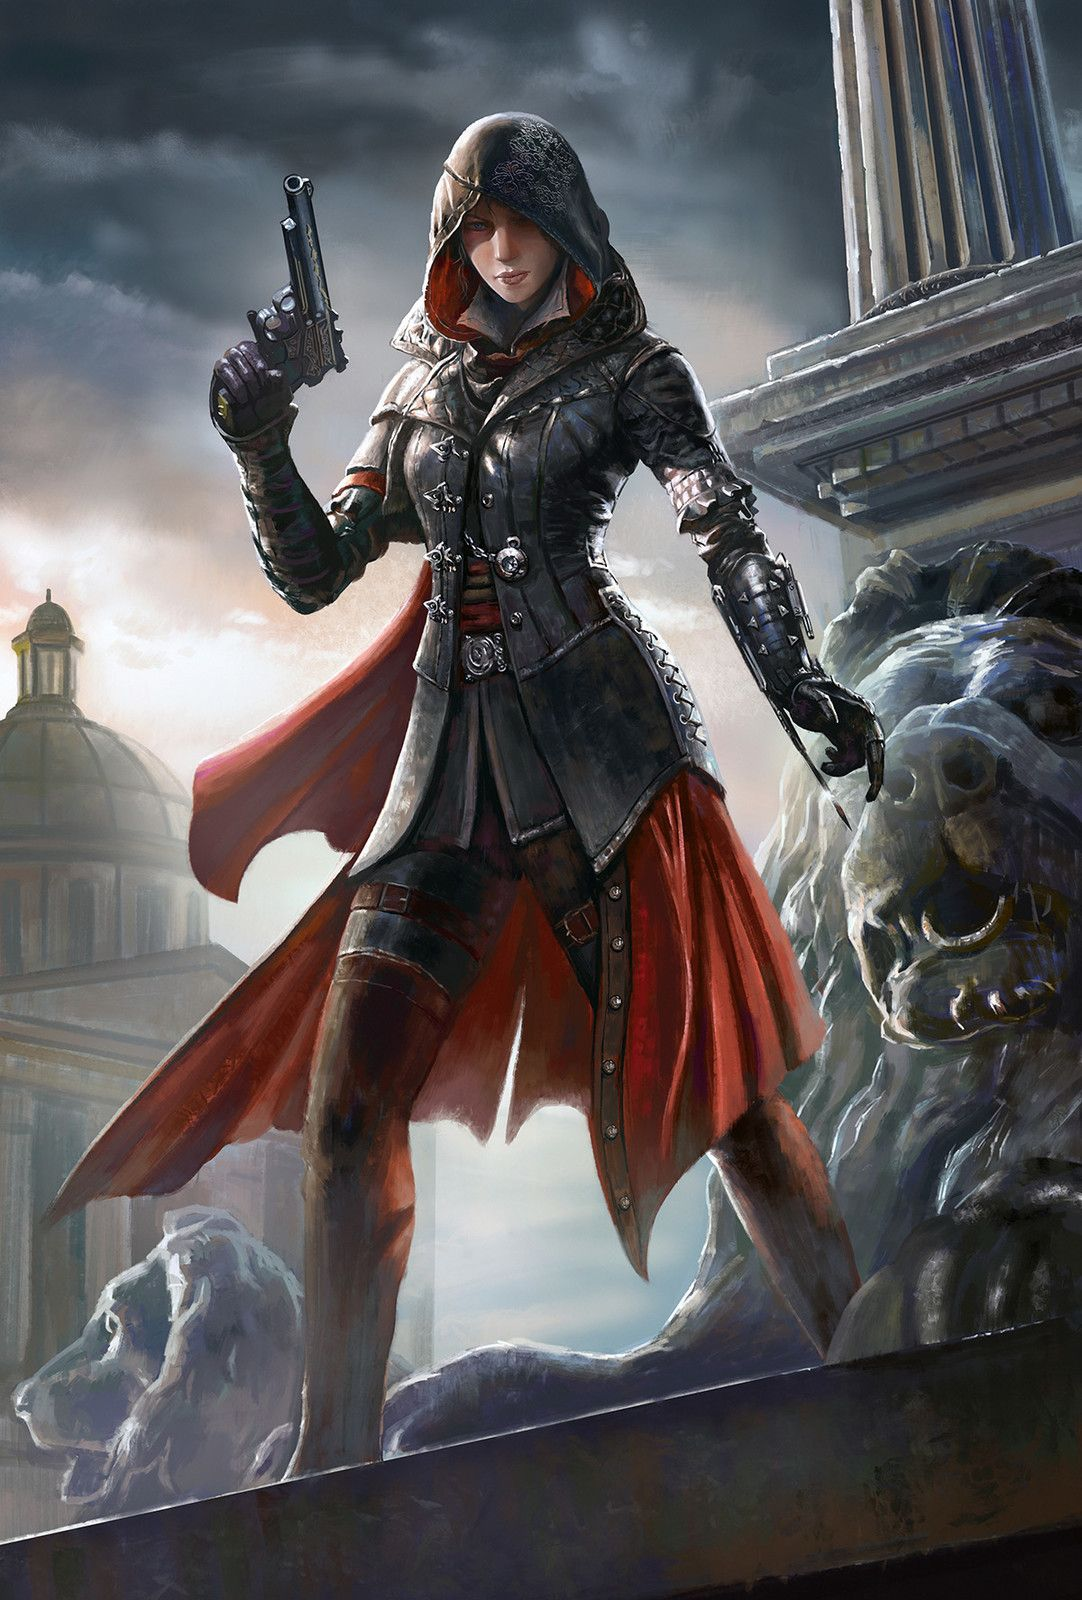 Assassin Frank Lee On Artstation At Https Www Artstation Com Artwork Reddj Assassins Creed Art Assassins Creed Female Girl Assassin